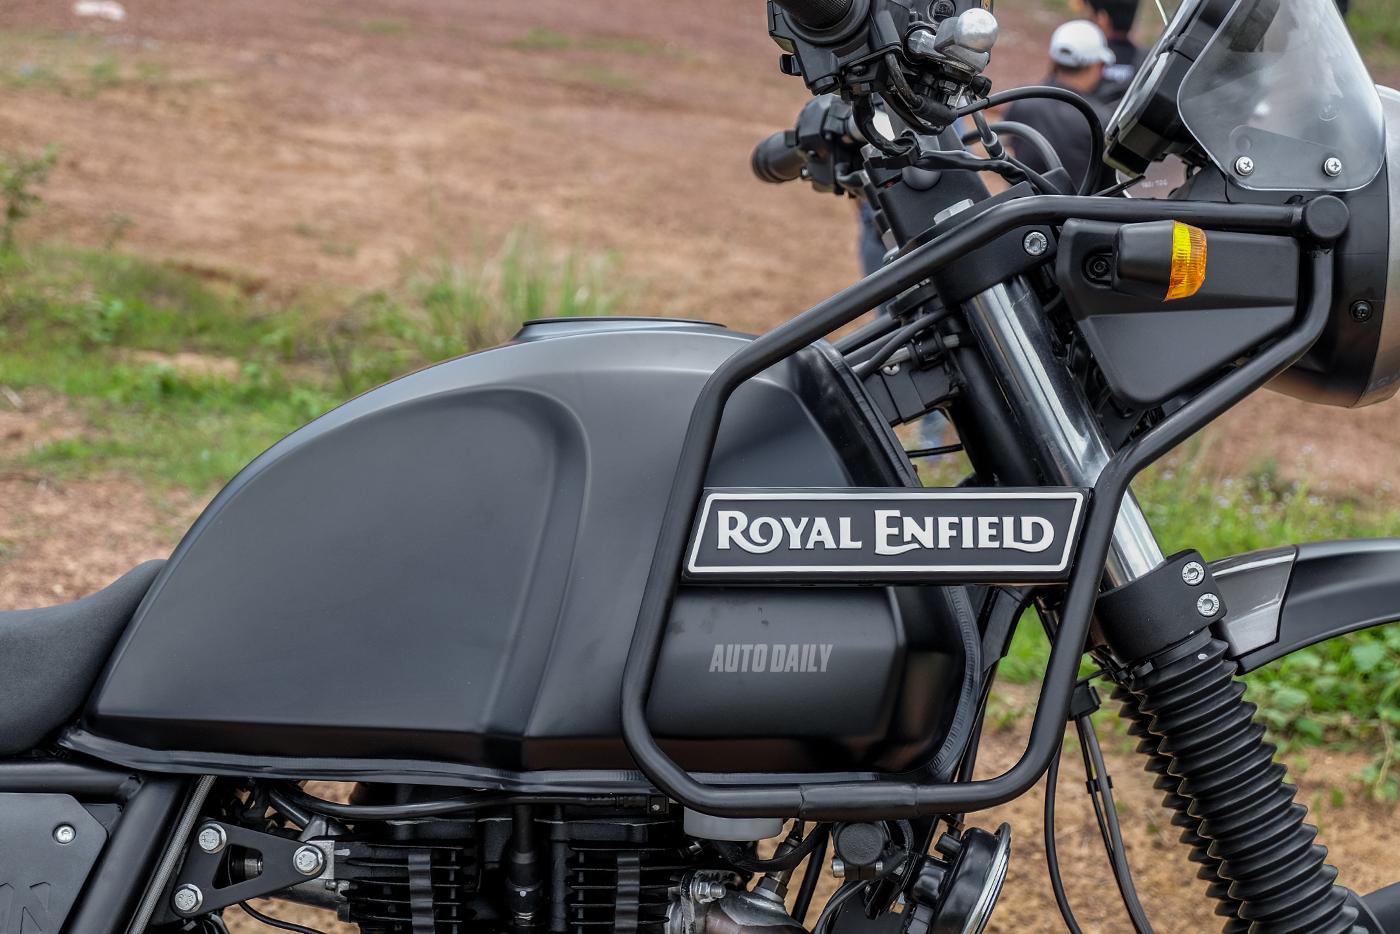 royal-enfield-himalayan-1.jpg